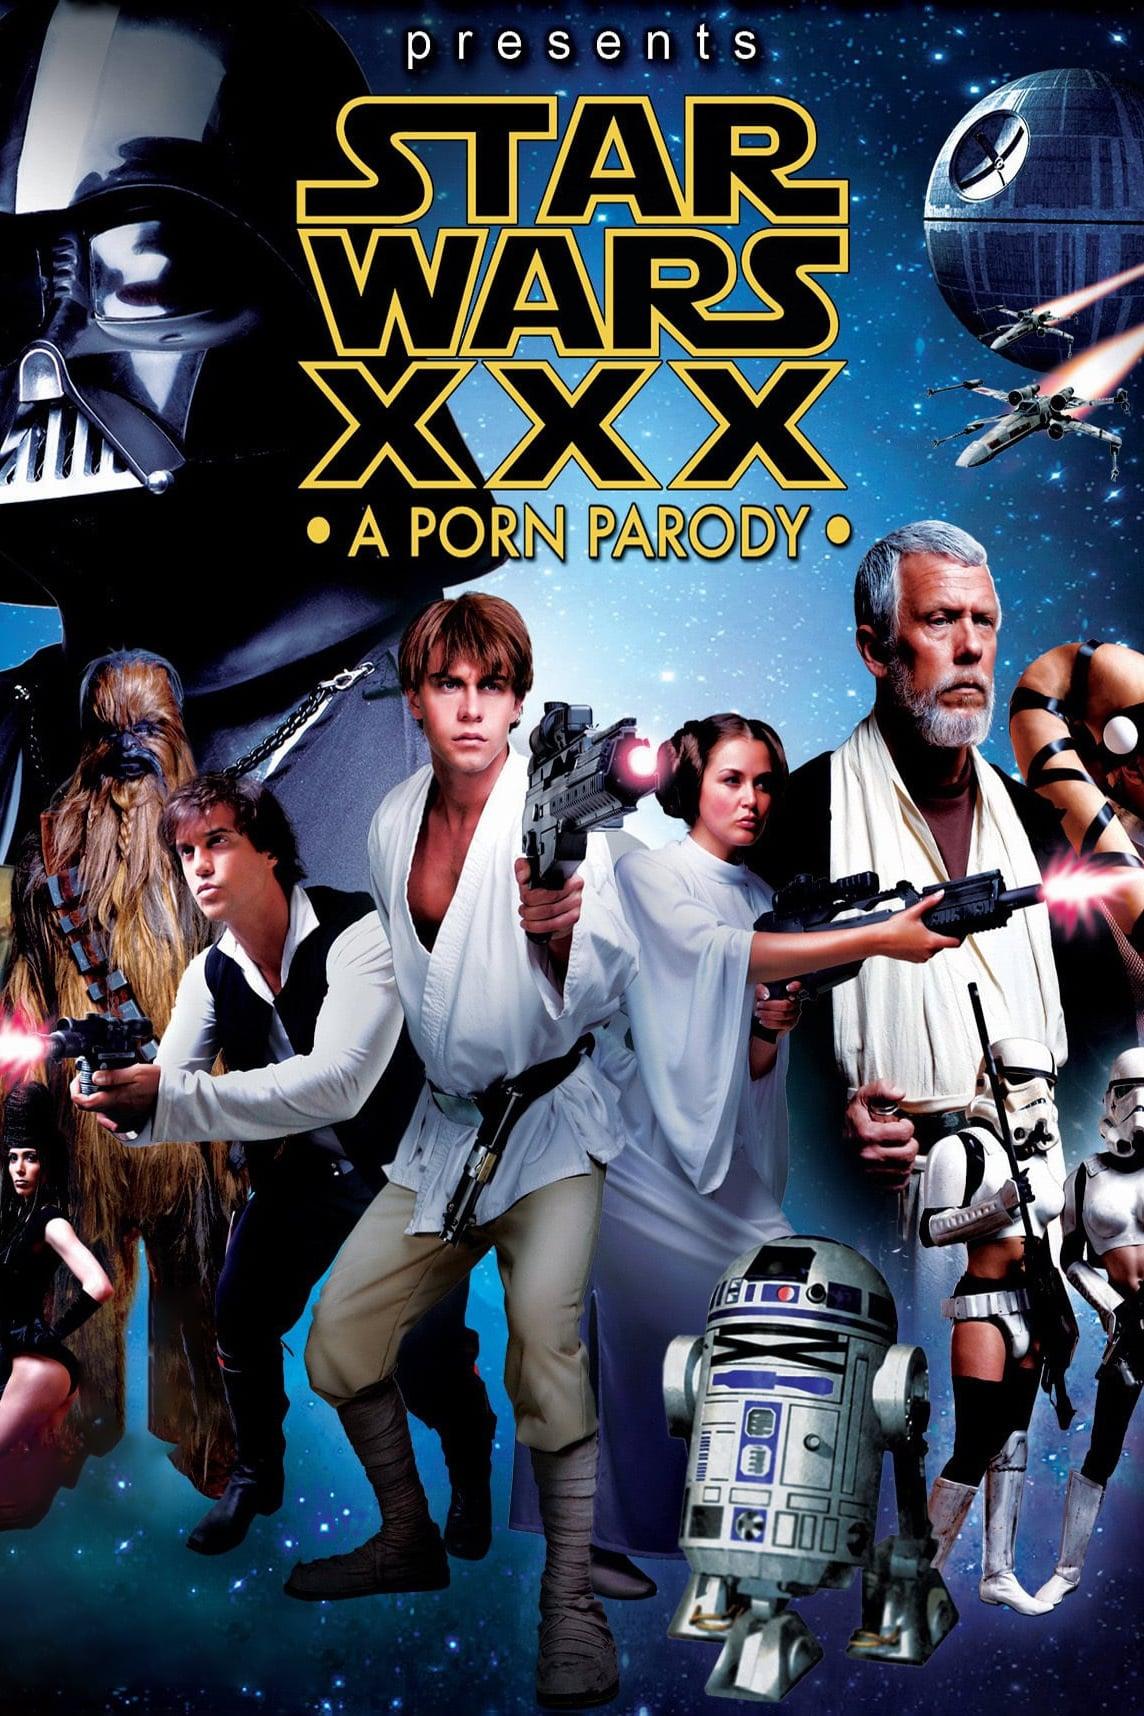 Star Wars Xxx A Porn Parody 2012 - Posters  The Movie Database Tmdb-3406